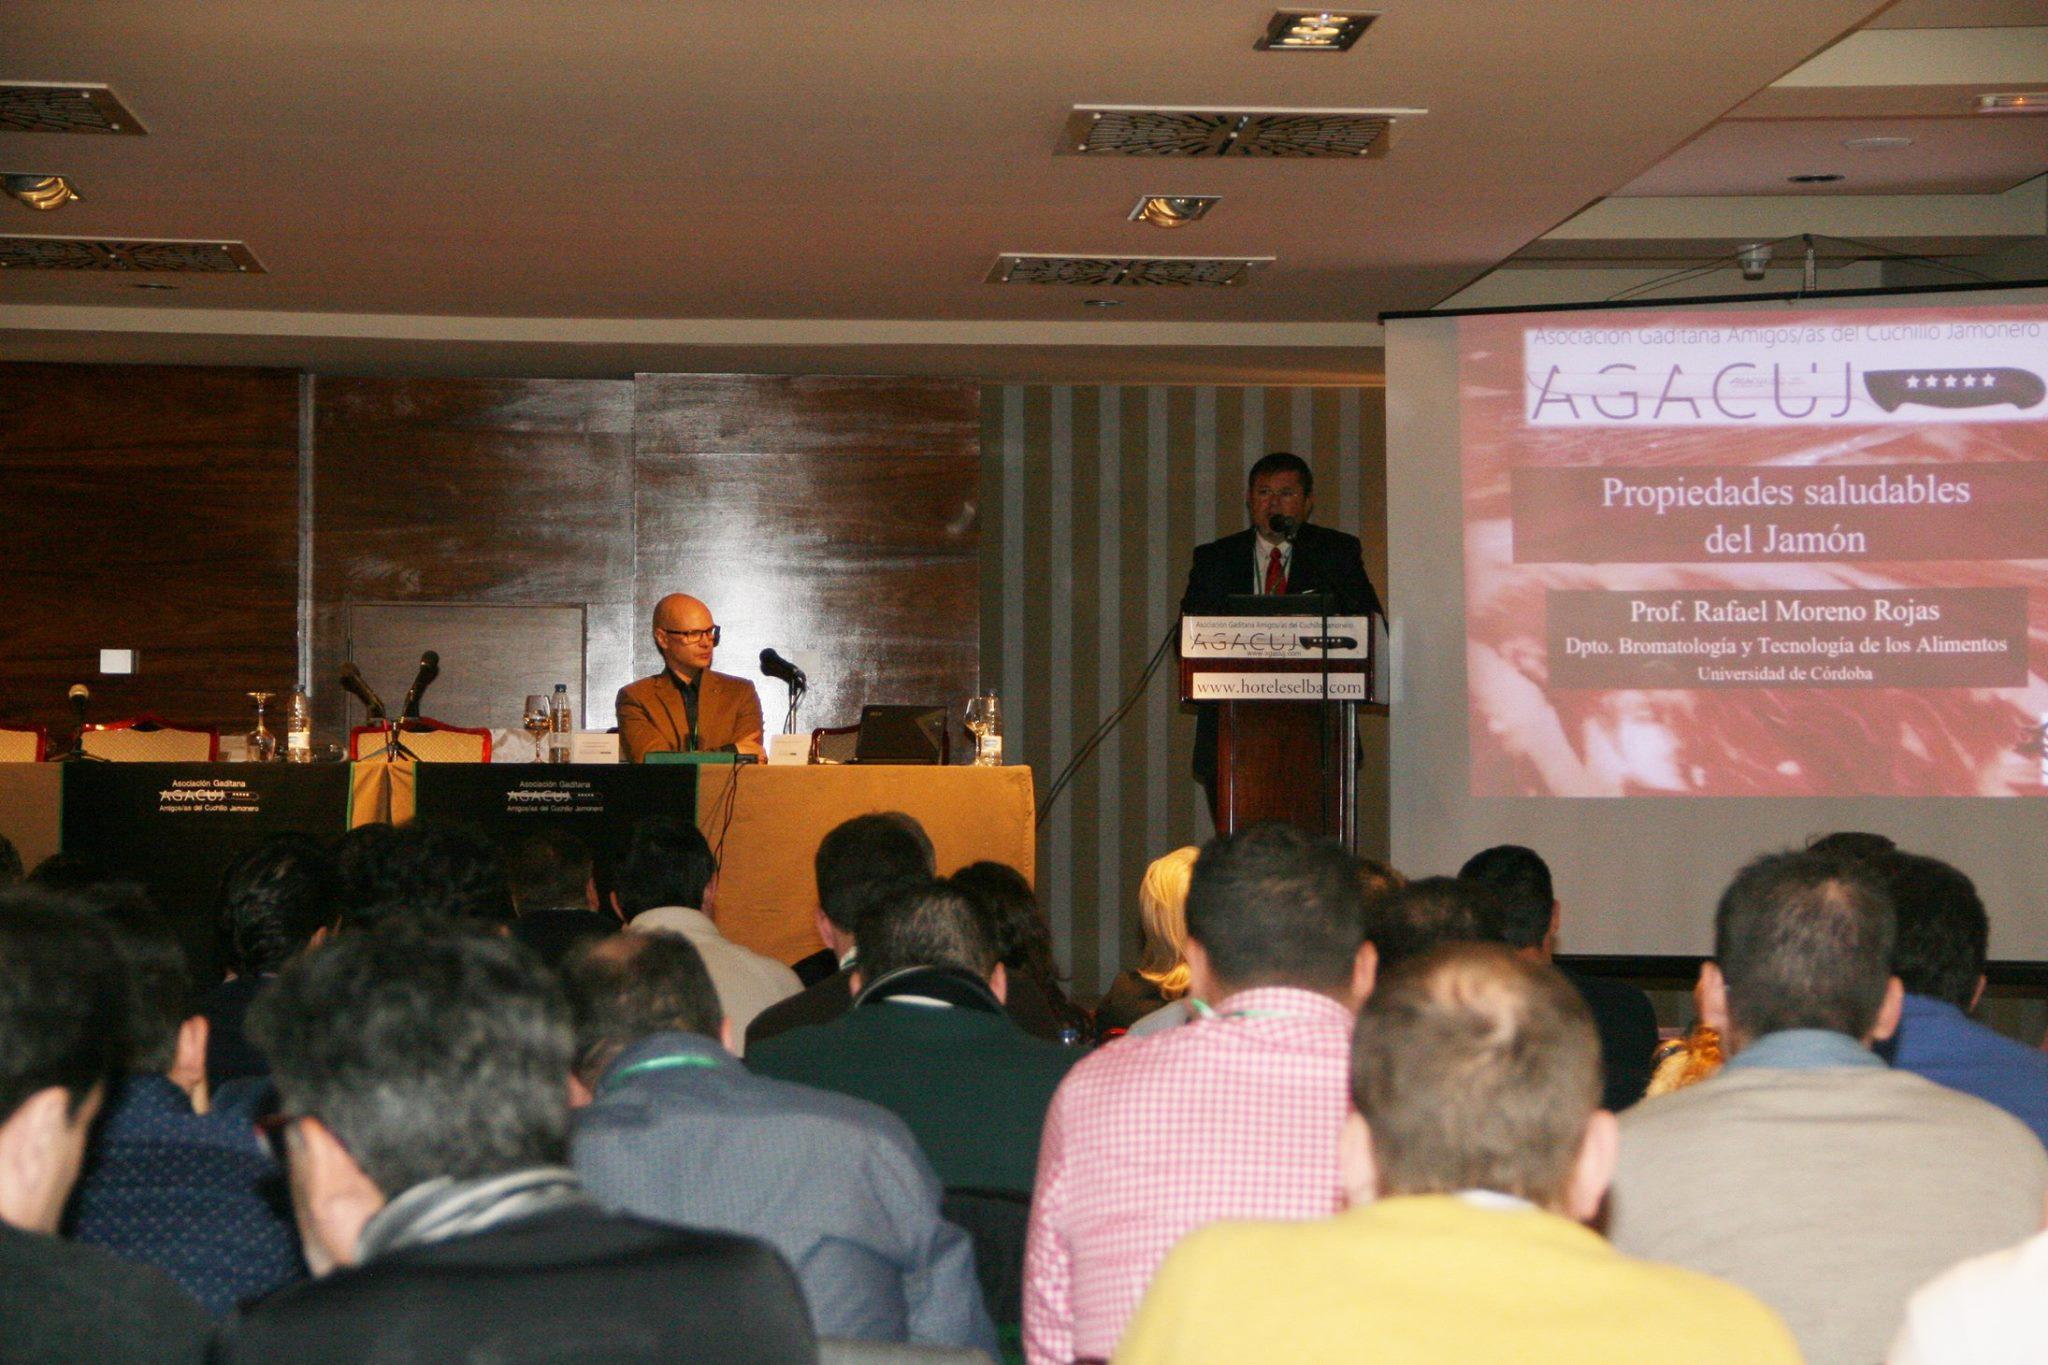 Jornada Formativa sobre el Jamón AGACUJ: Ponencia Rafael Moreno